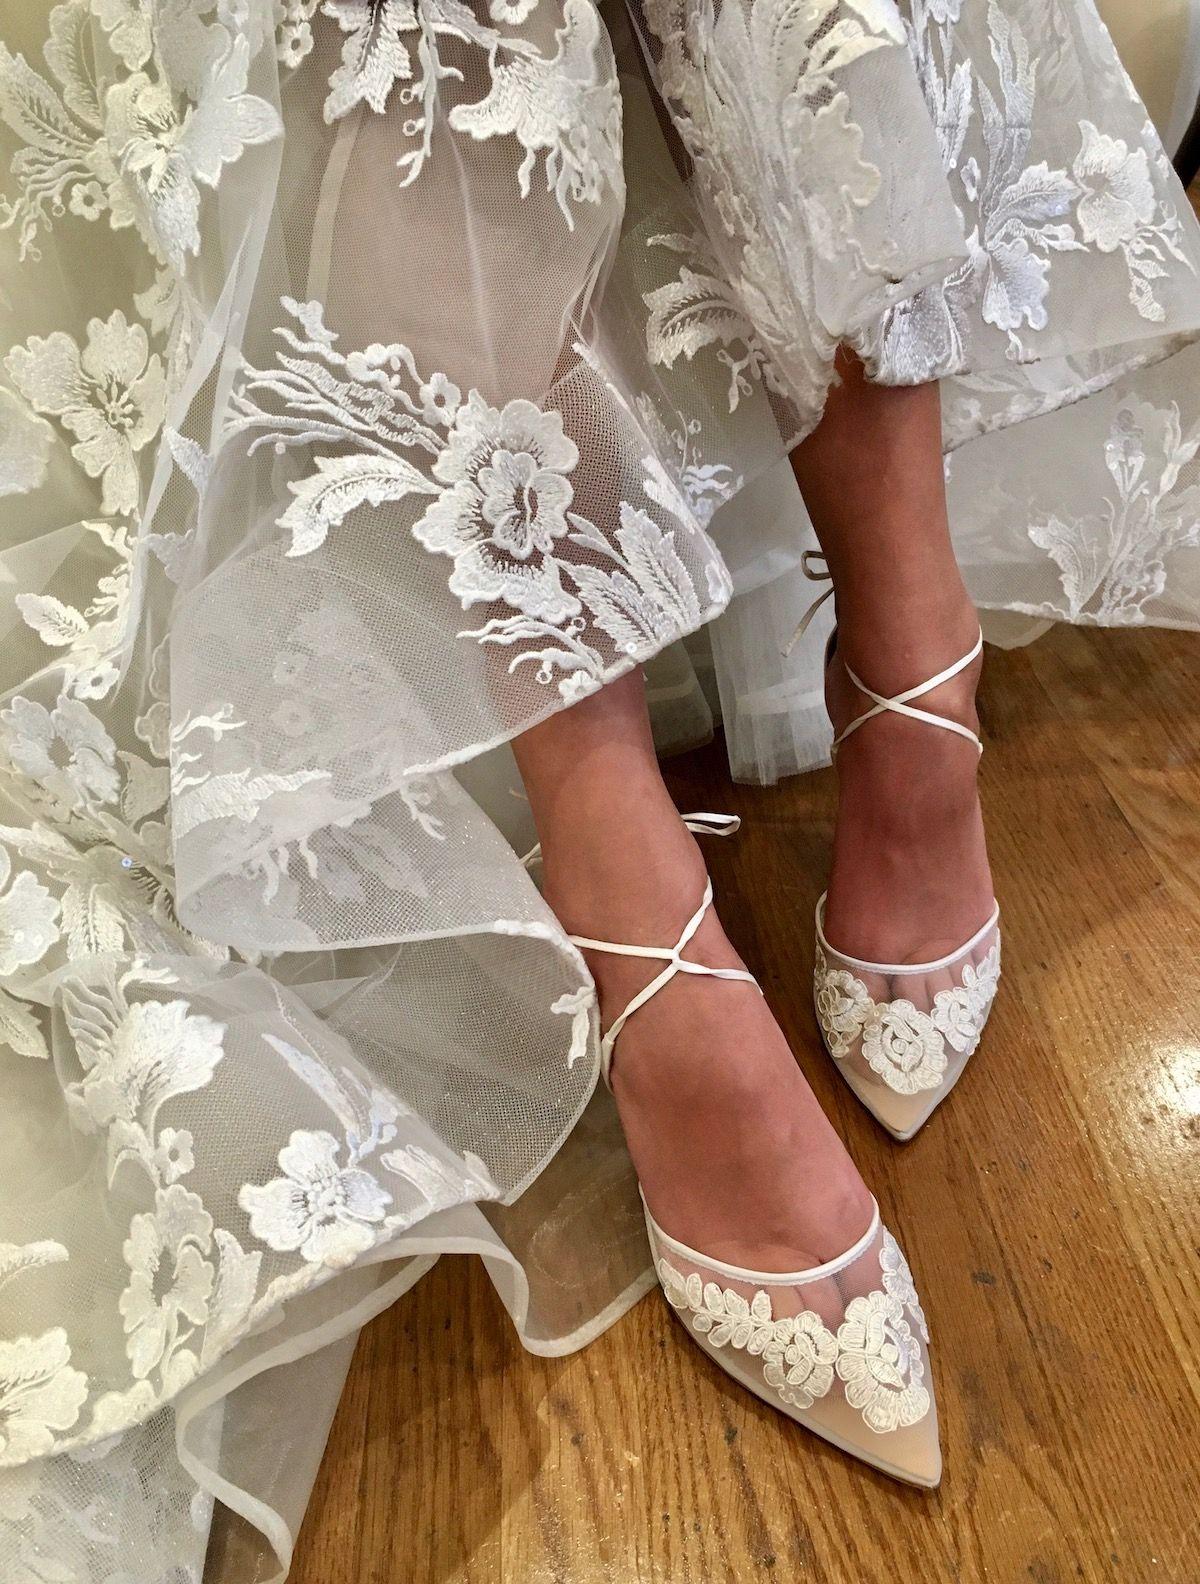 Amelia Ivory Lace Wedding Shoes Wedding Shoes Lace Kitten Heel Wedding Shoes Wedding Shoes Heels [ 1584 x 1200 Pixel ]